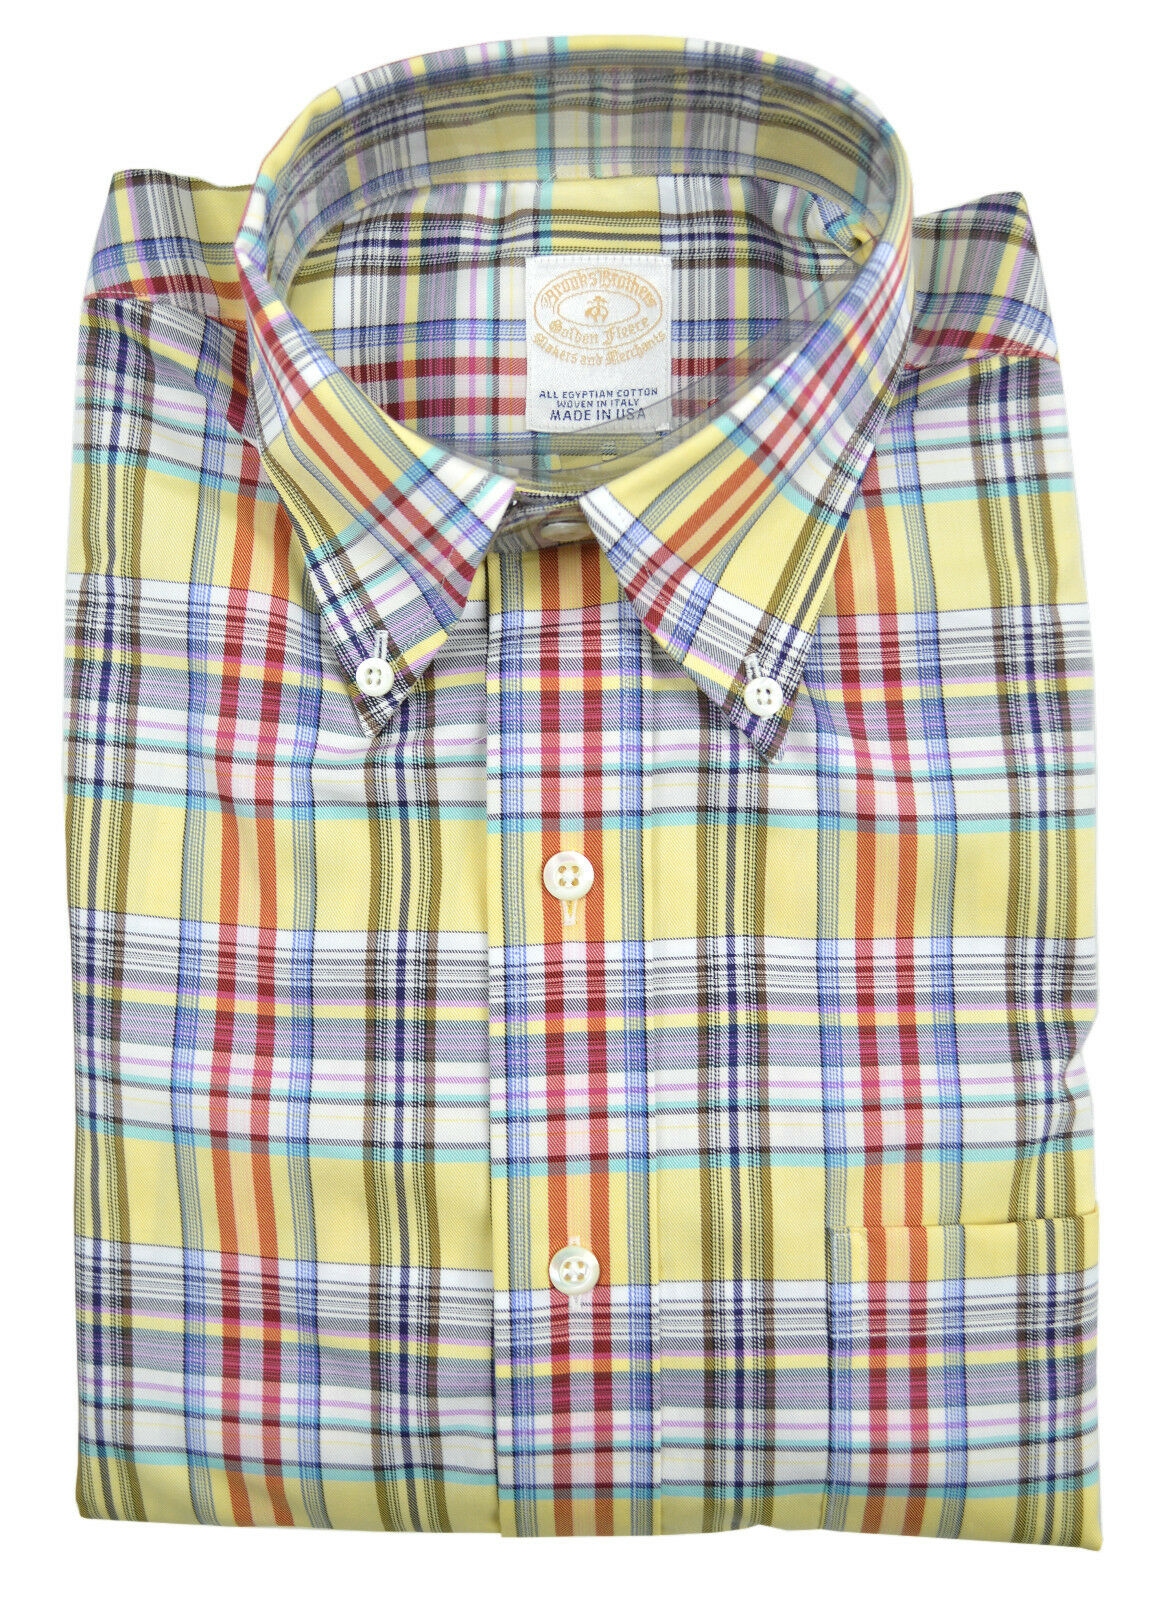 3832-2 Brooks Bredhers Yellow Plaid golden Fleece Button Down Shirt Small S